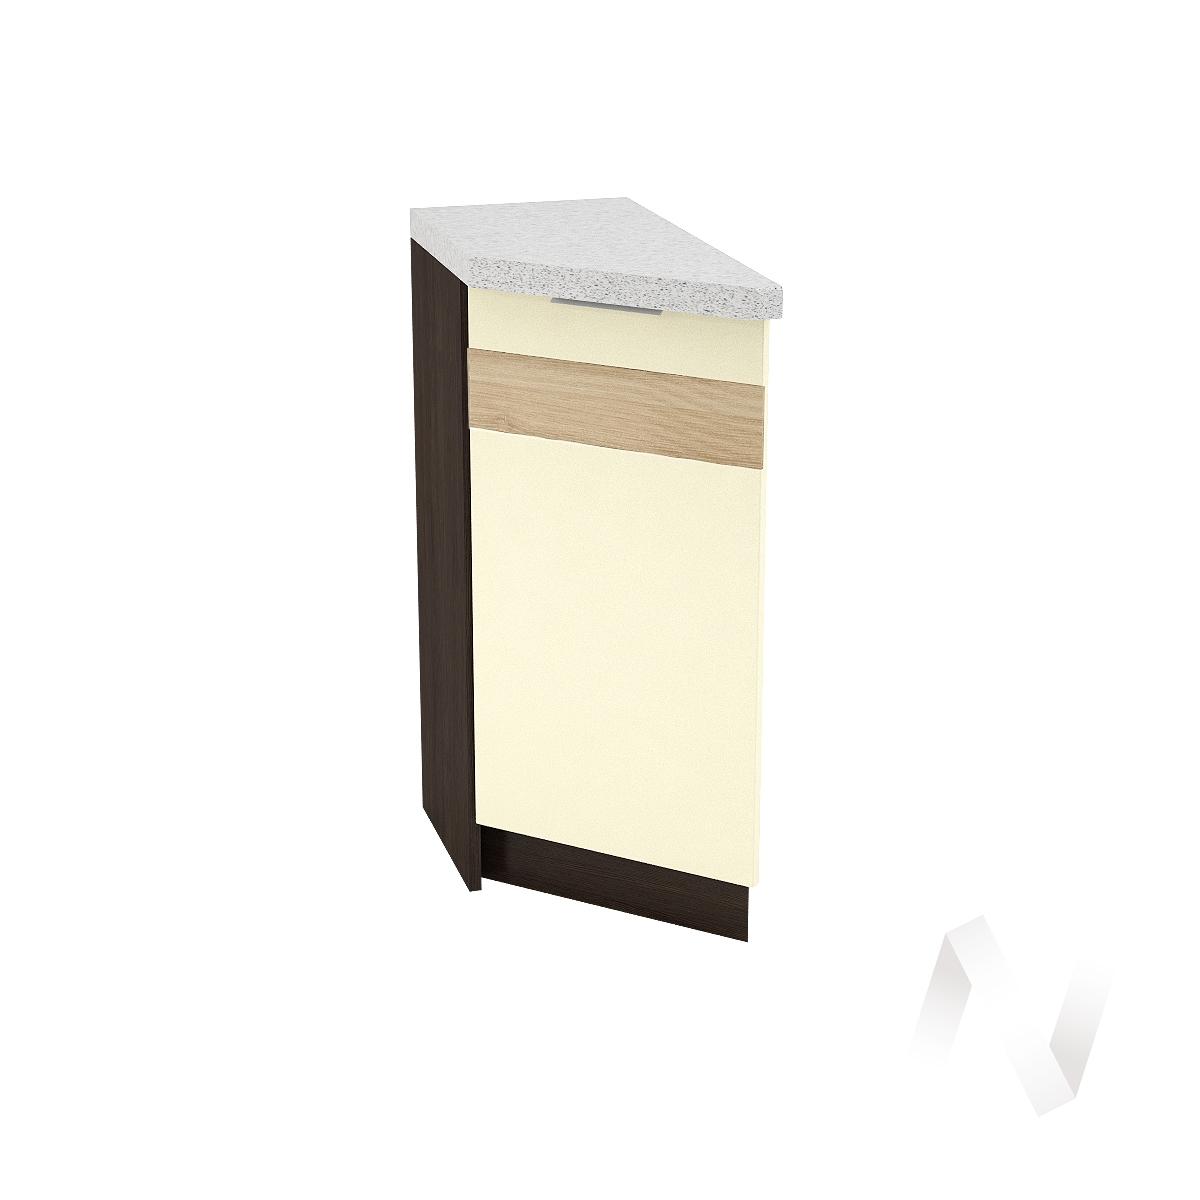 """Кухня """"Терра"""": Шкаф нижний торцевой правый 300, ШНТ 300 (ваниль софт/корпус венге)"""